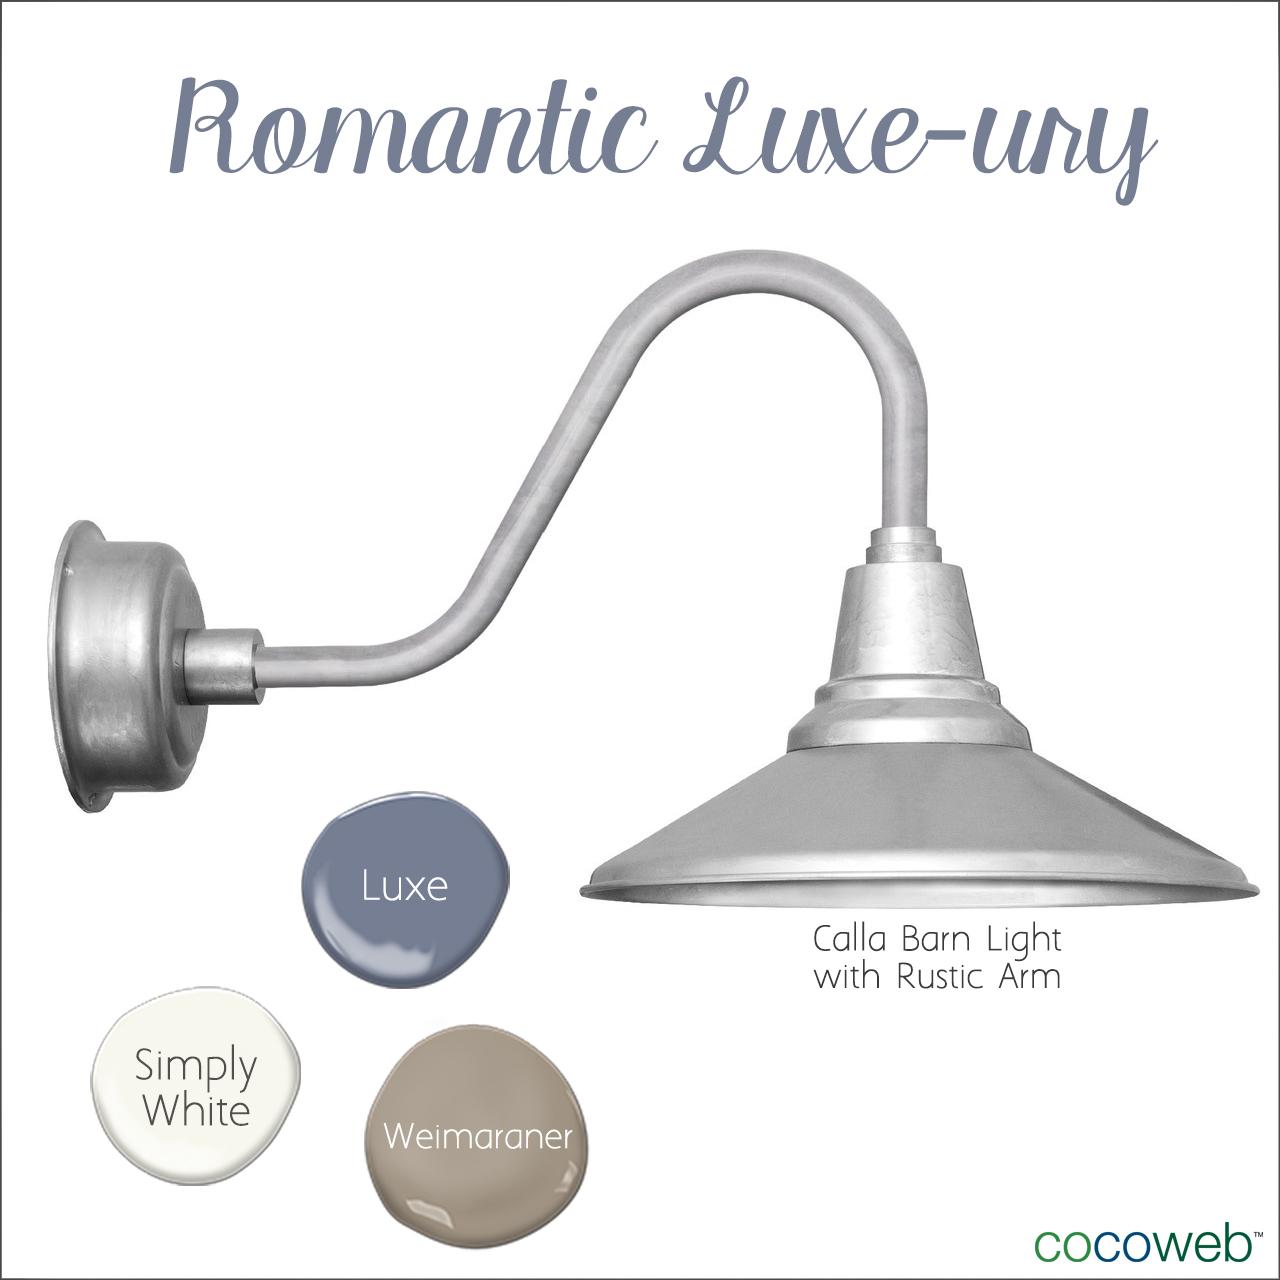 Romantic Luxe-ury